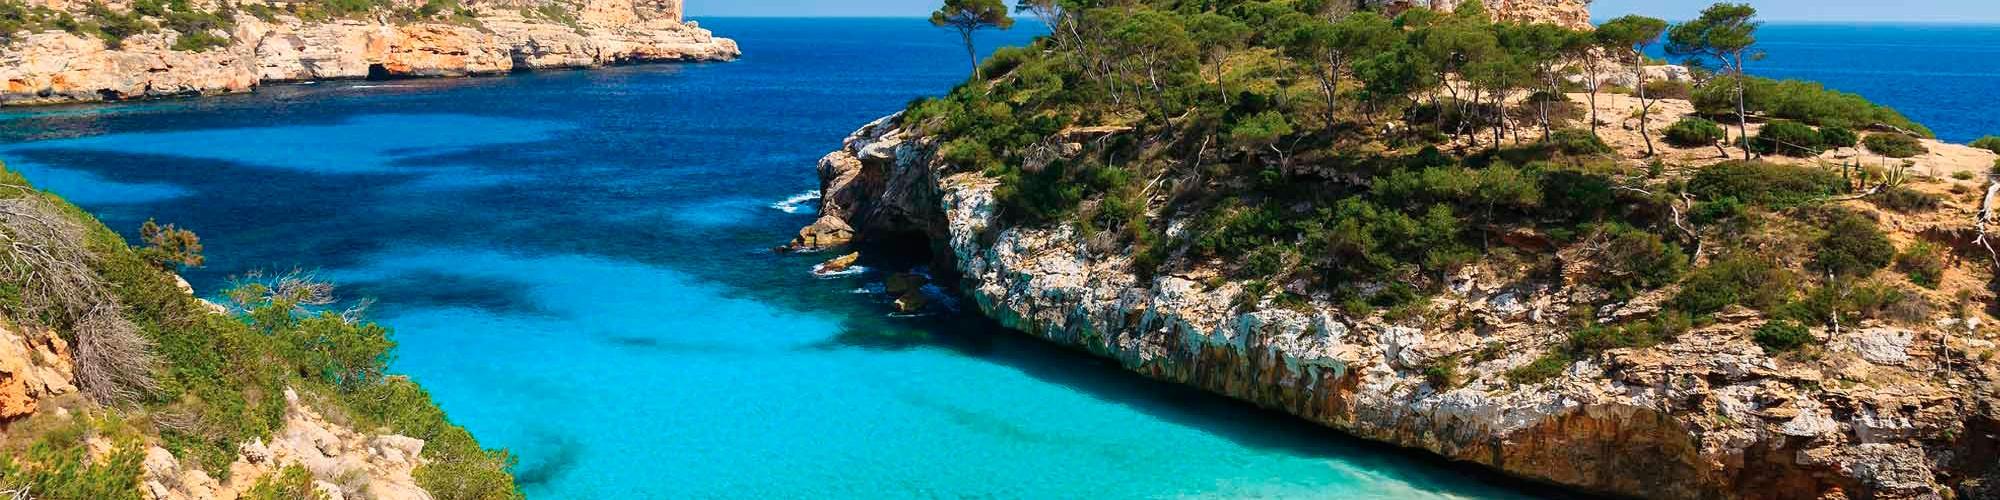 Agencia inmobiliaria en Mallorca. Venta de casas en Mallorca